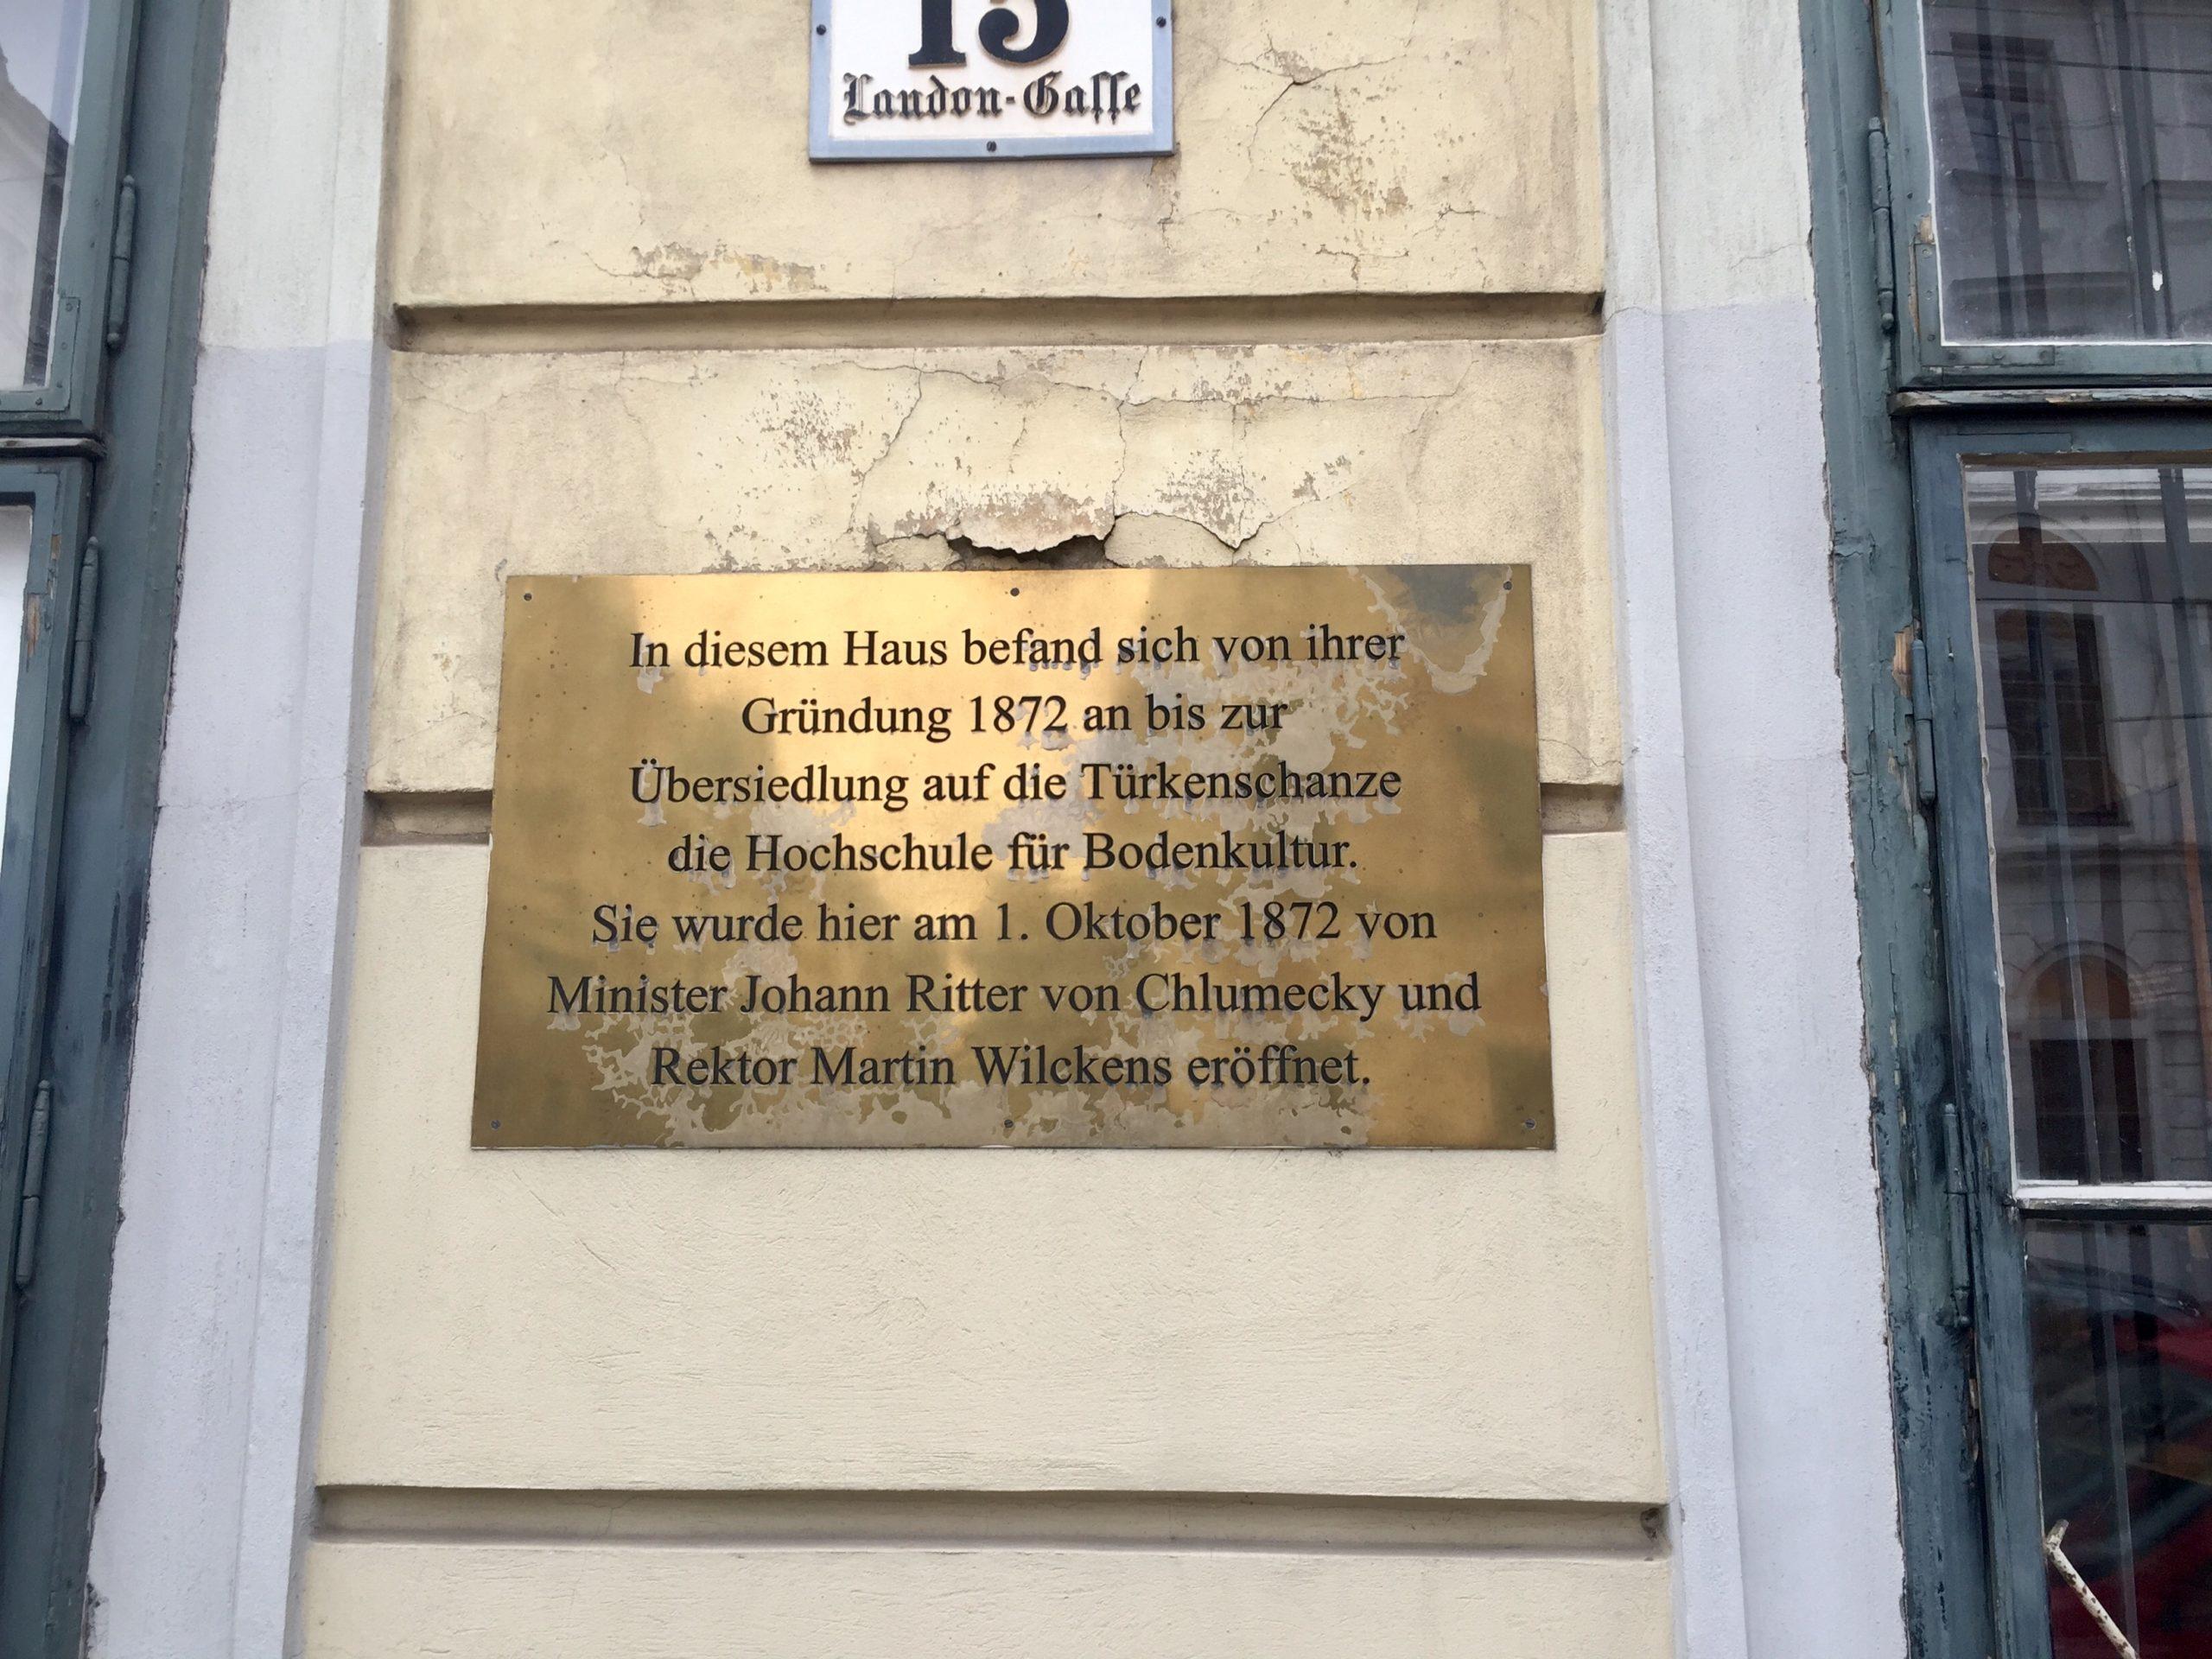 """Foto der Gedenktafel zum 120-jährigen Bestehen der Universität für Bodenkultur an der Fassade des Volkskundemuseums. Der Text darauf lautet: """"In diesem Haus befand sich von ihrer Gründung 1872 an bis zur Übersiedlung auf die Türkenschanze die Hochschule für Bodenkultur. Sie wurde hier am 1. Oktober 1872 von Minister Johann Ritter von Chlumecky und Rektor Martin Wilckens eröffnet."""""""